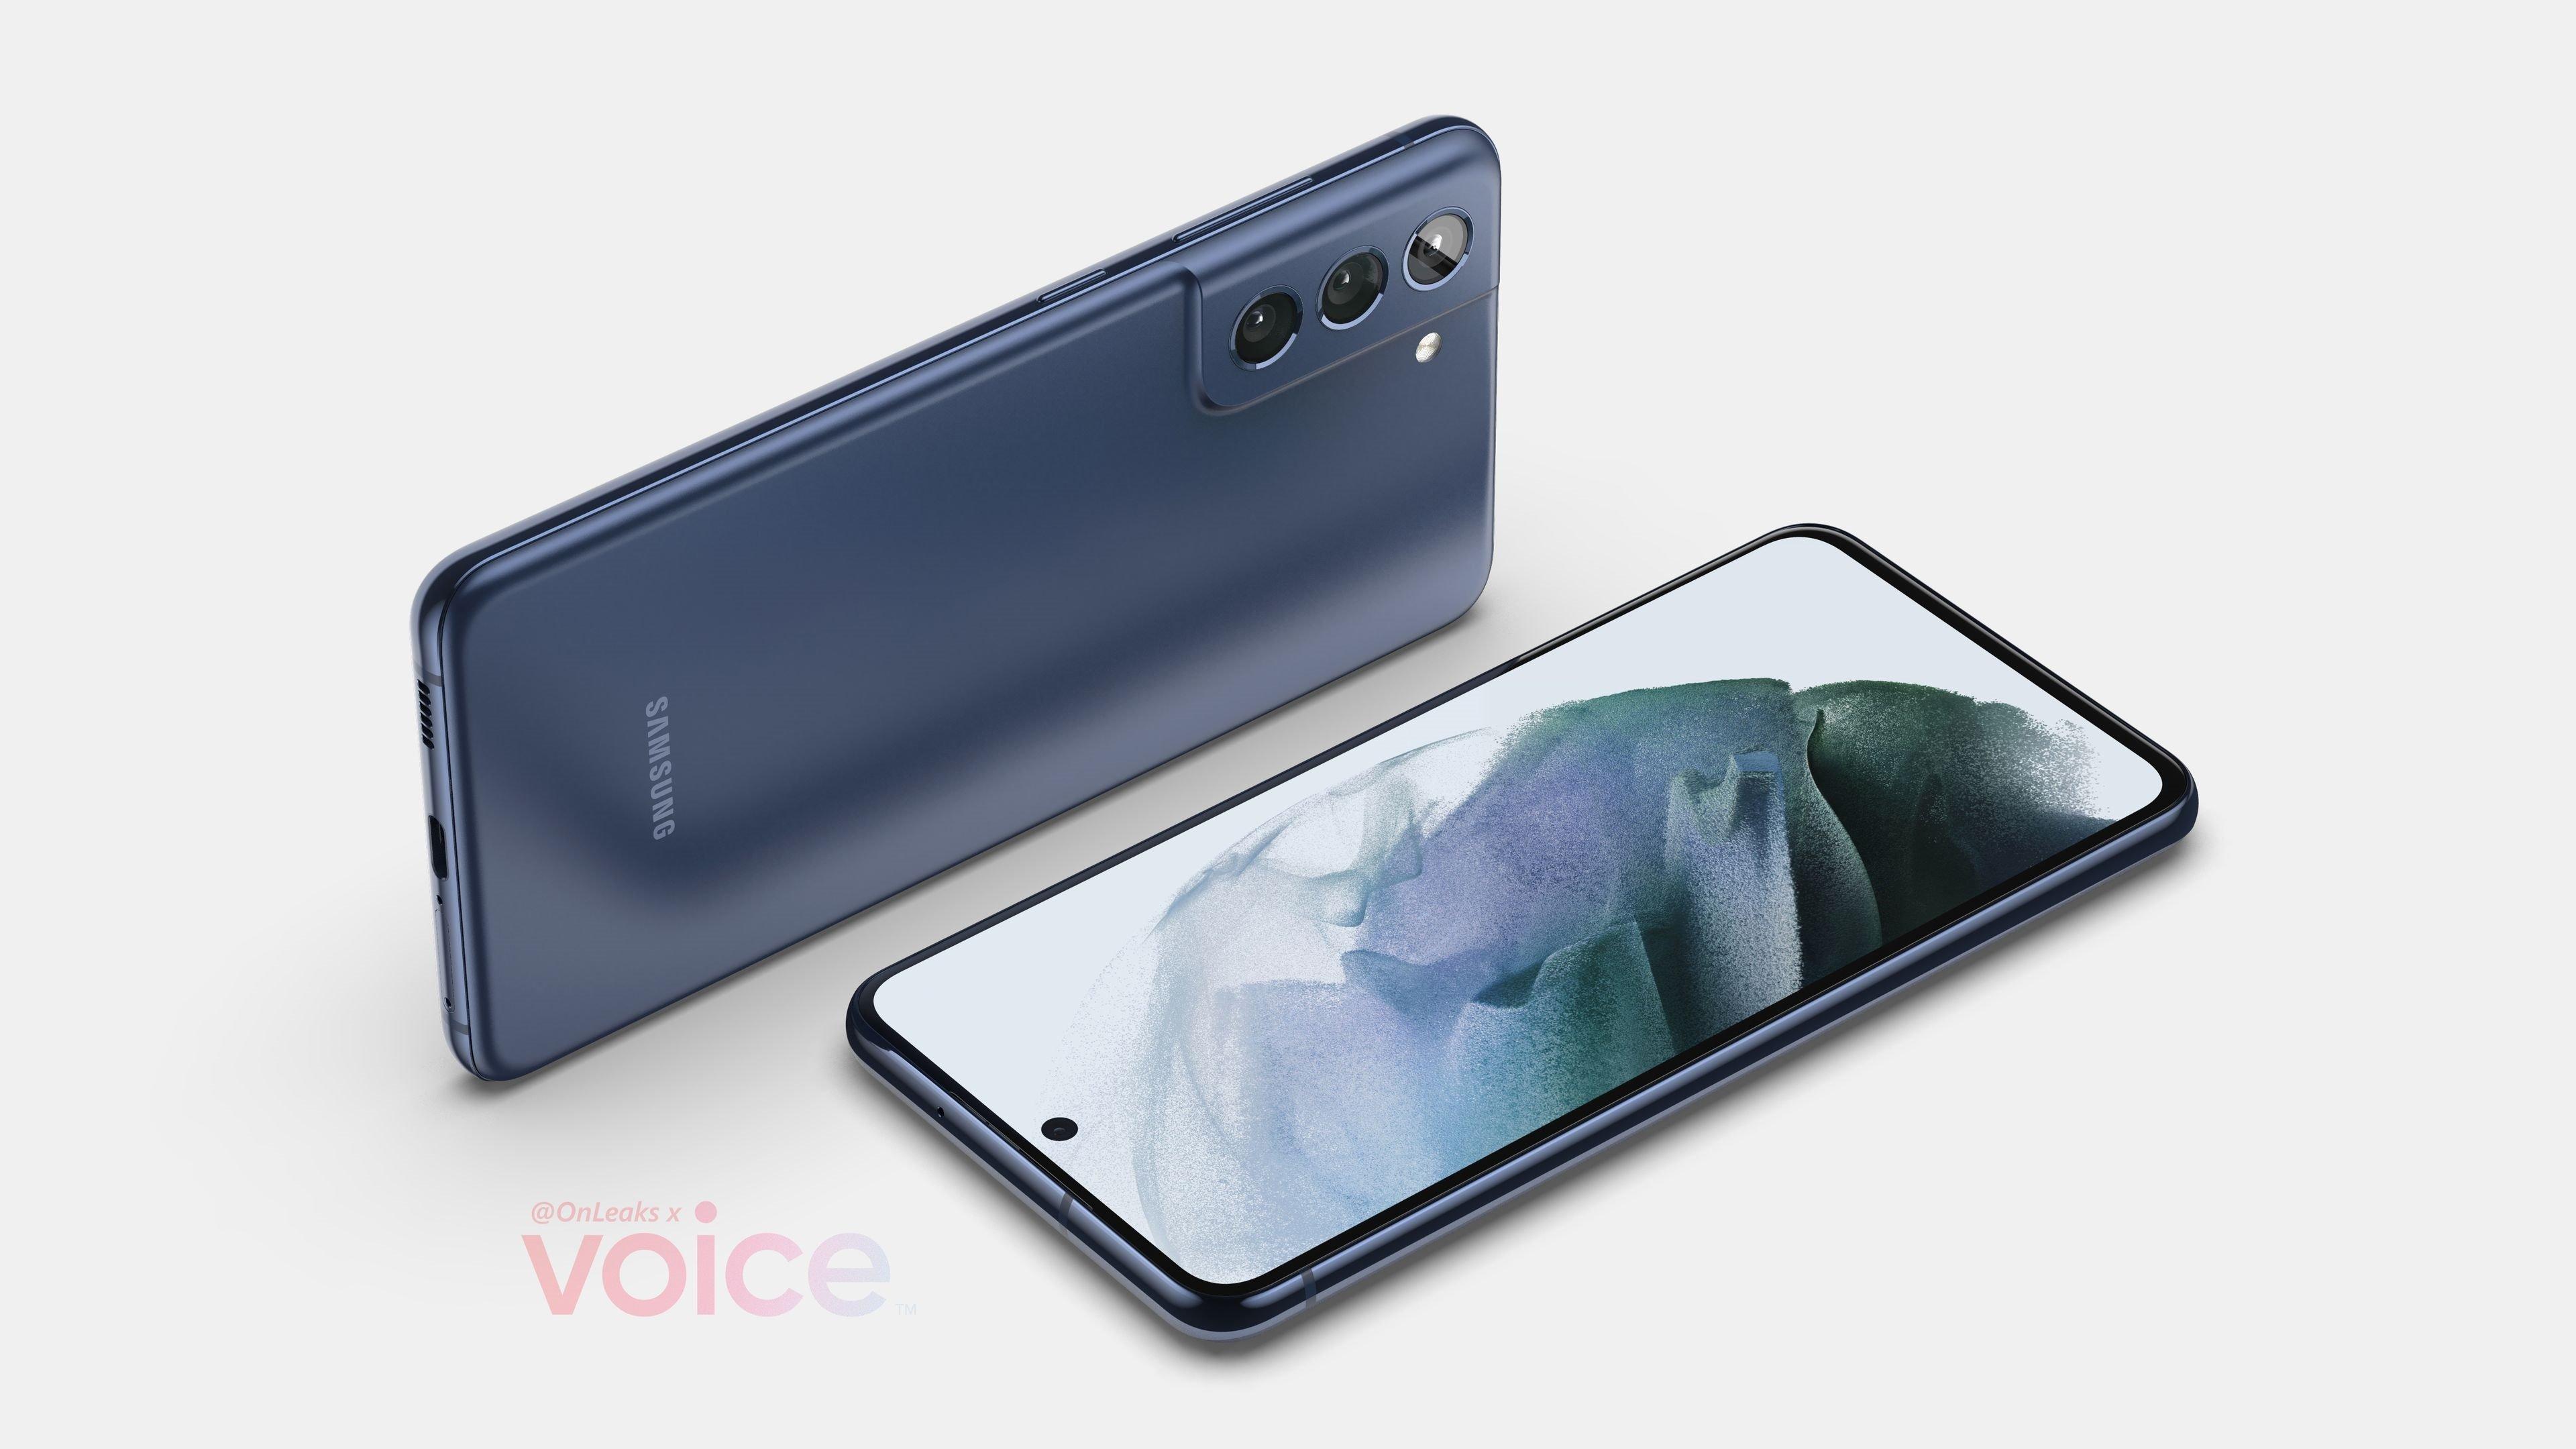 Samsung afirma que não paralisou a produção do Galaxy S21 FE, pelo menos por enquanto